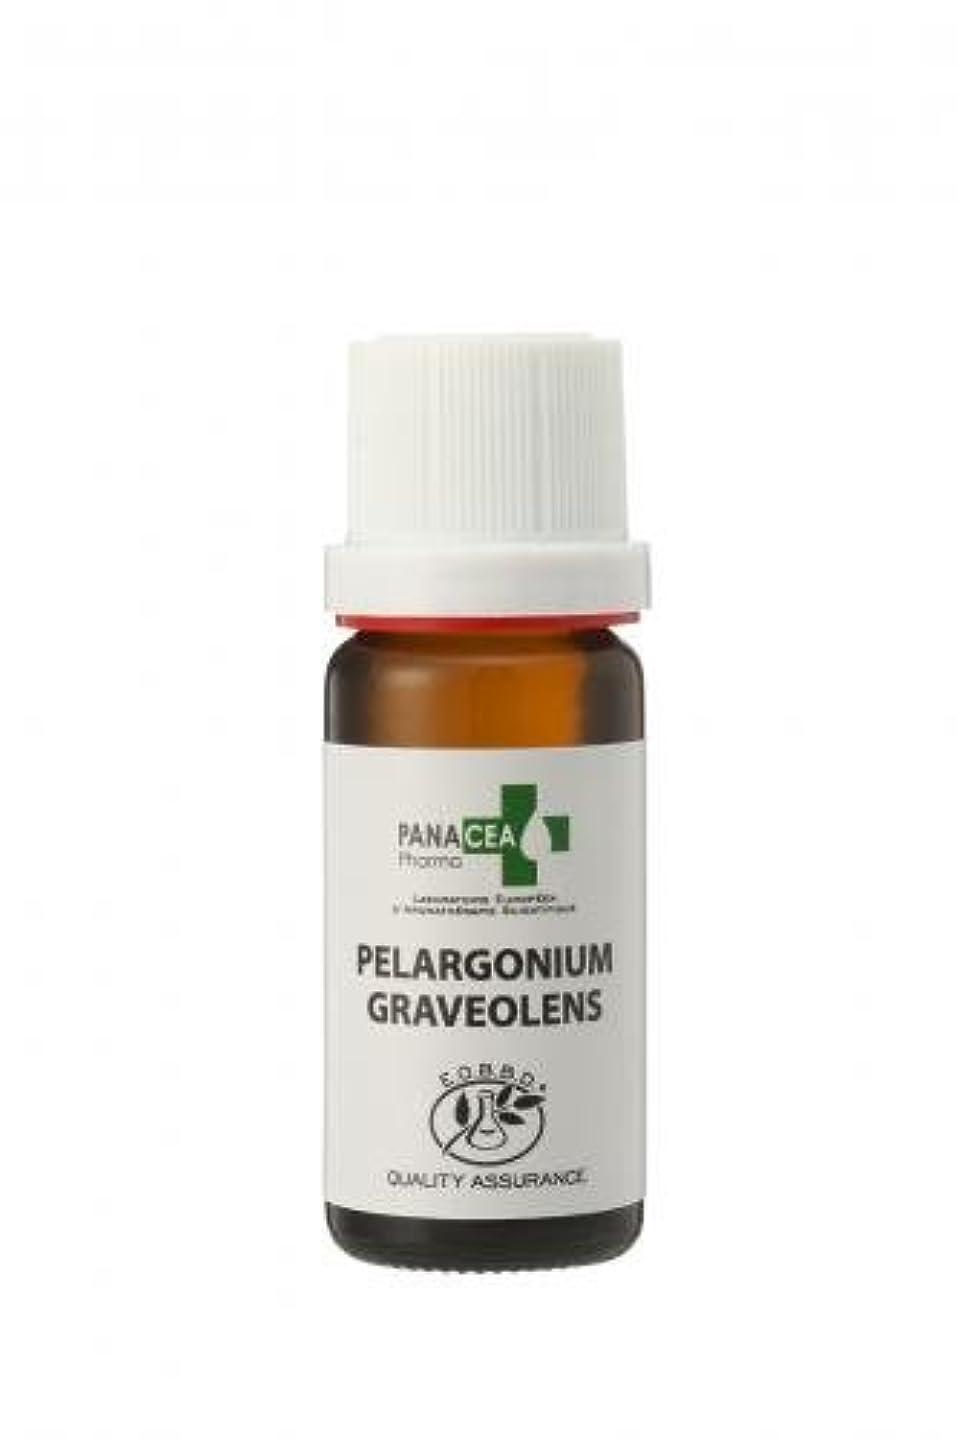 繰り返したご意見後者ゼラニウム エジプト (Pelargonium graveolens) エッセンシャルオイル PANACEA PHARMA パナセア ファルマ